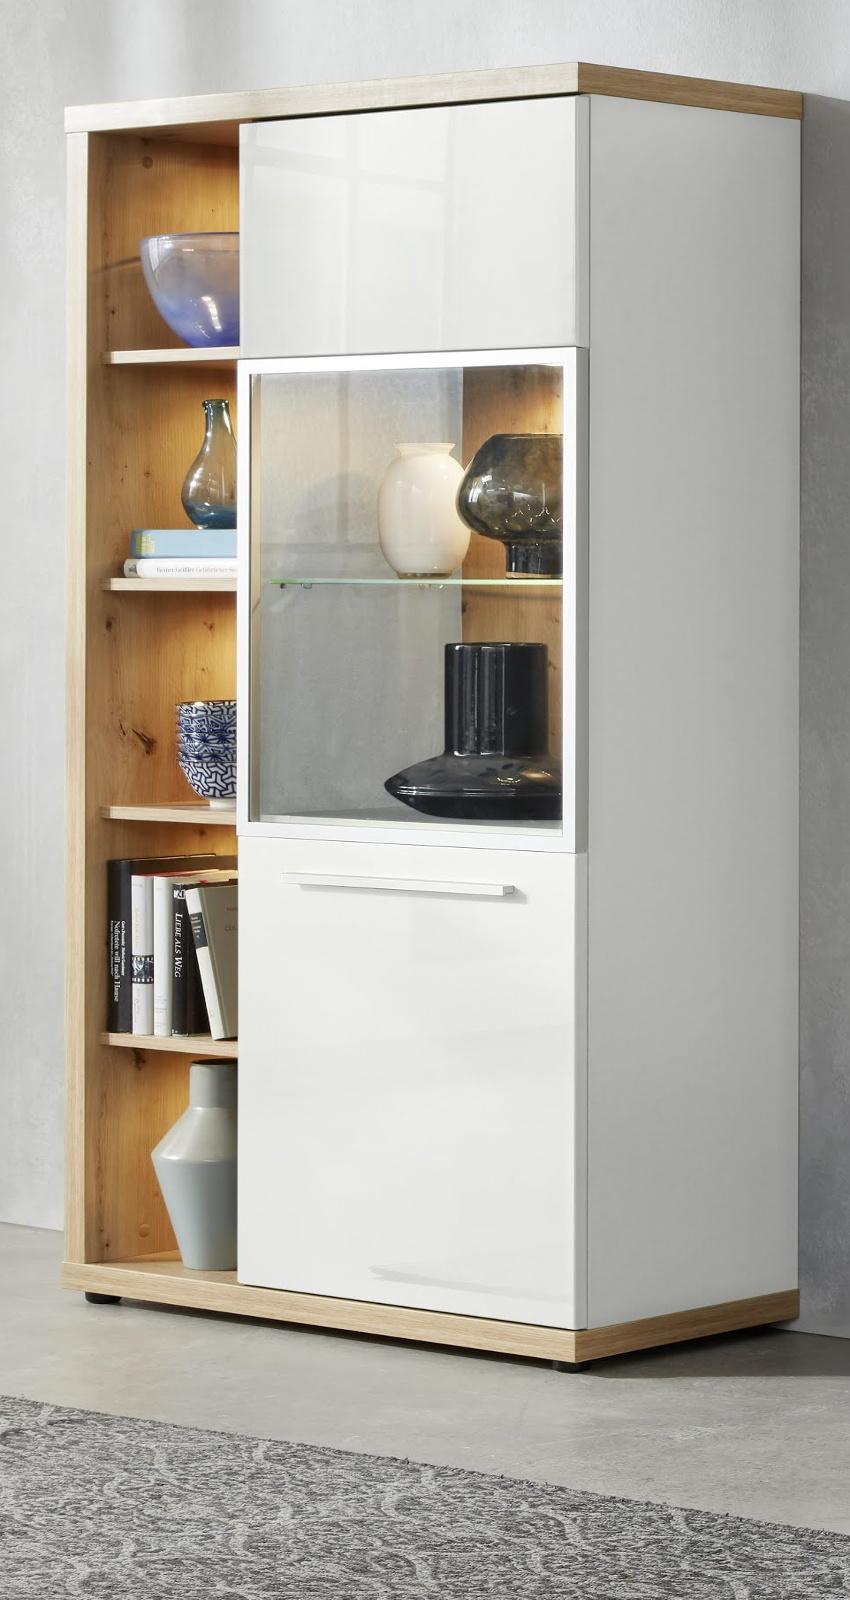 ergebnisse zu strass glaser. Black Bedroom Furniture Sets. Home Design Ideas